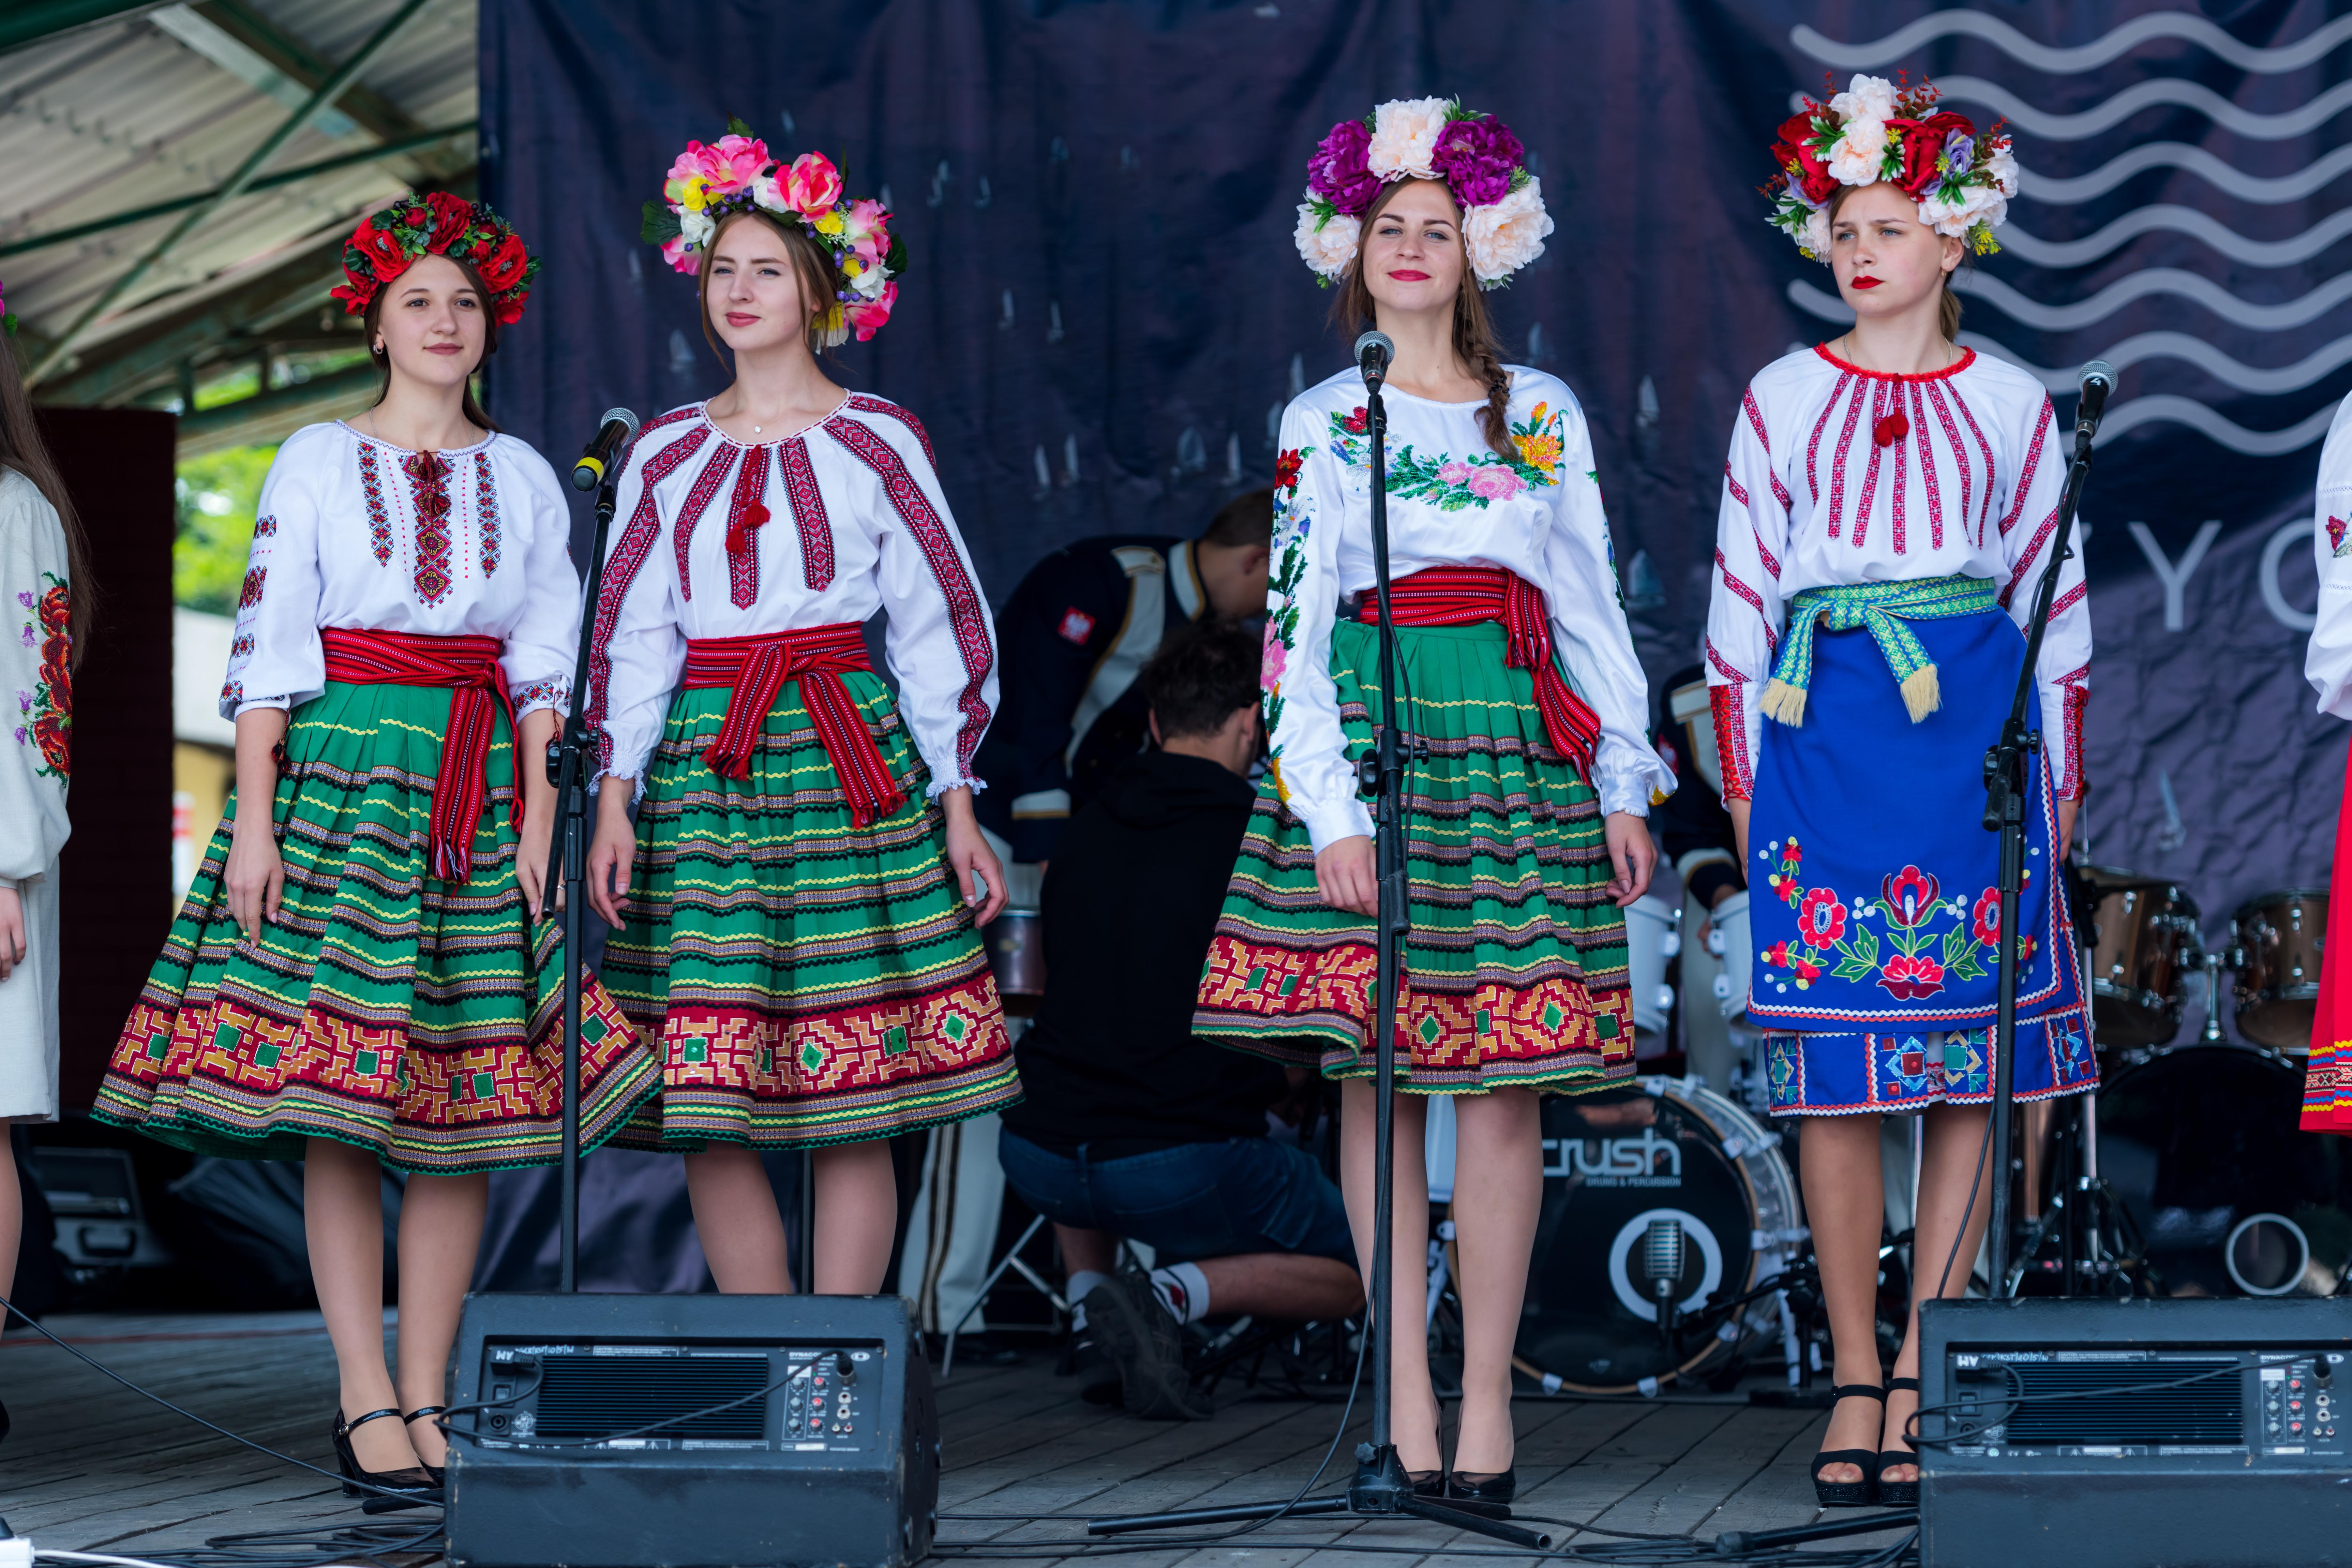 Sw_Miast_Partnerskich_24-06-2018_fot_Tomasz_Karolski_nr_76